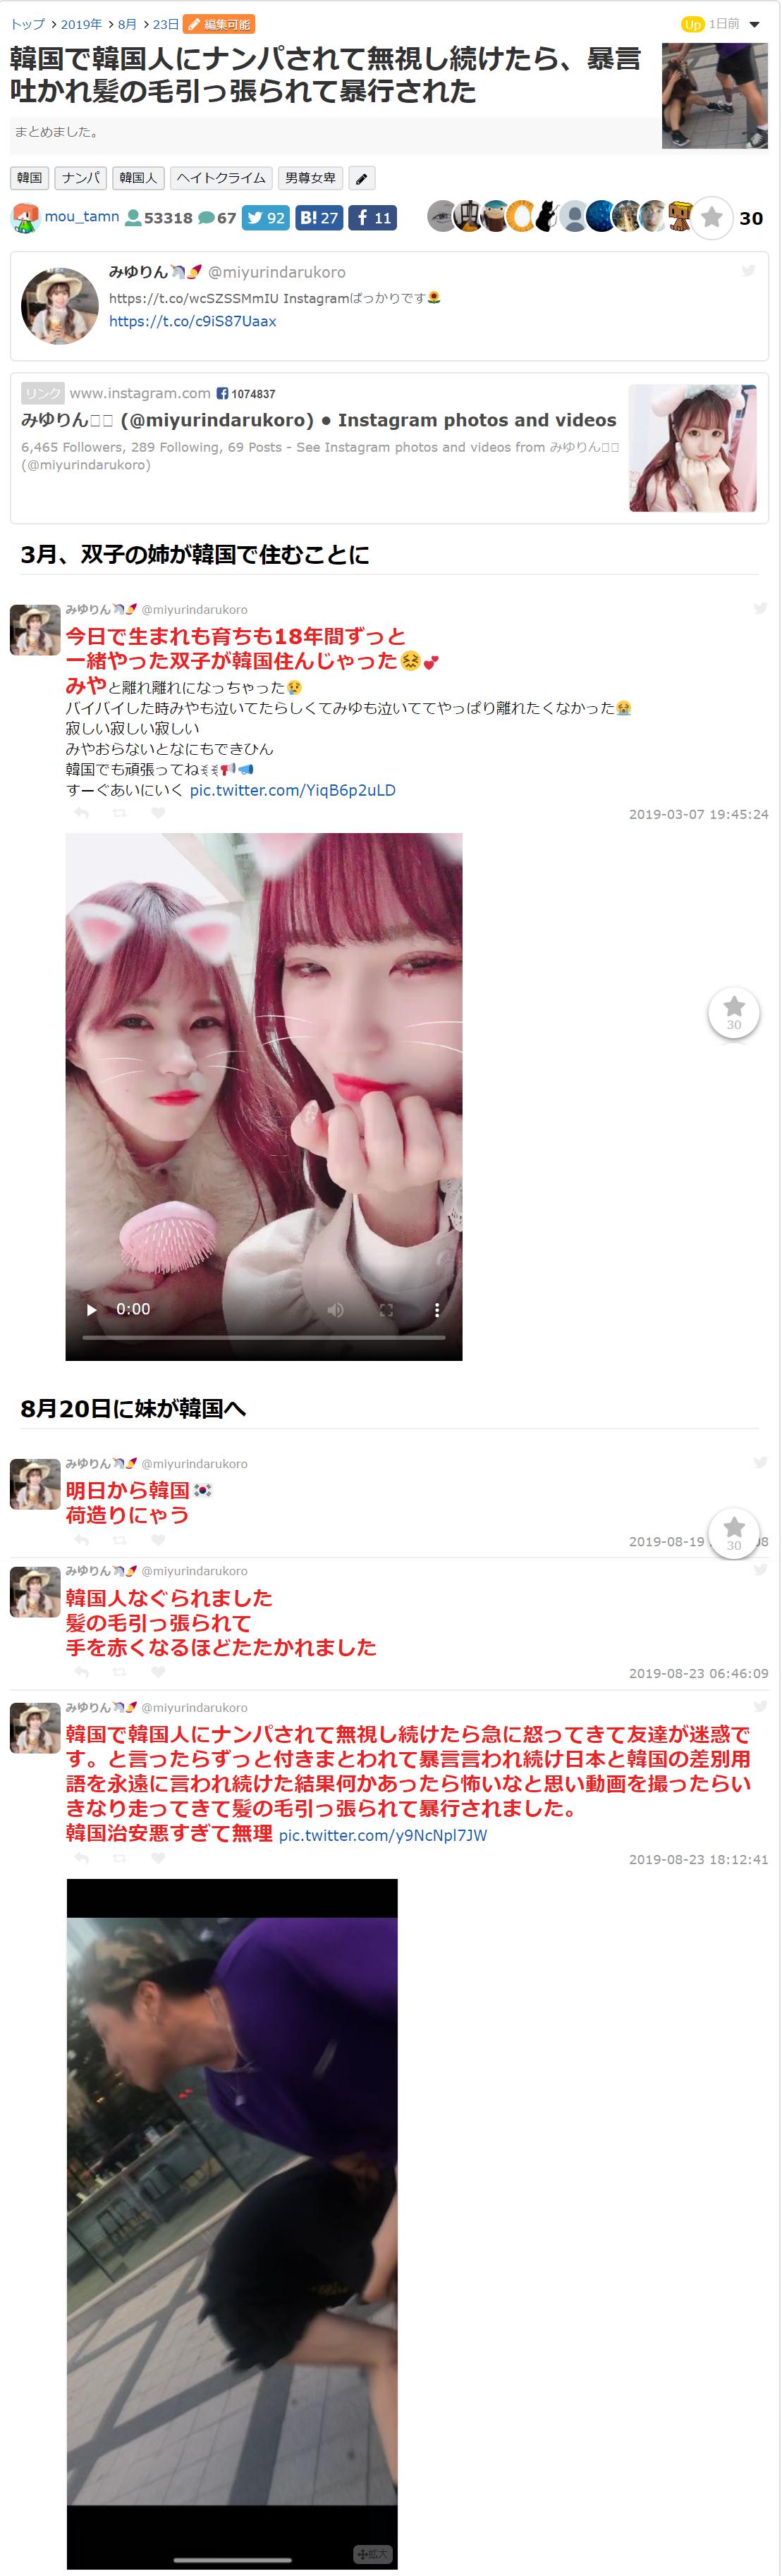 日本人女子が下朝鮮で暴行される1_1